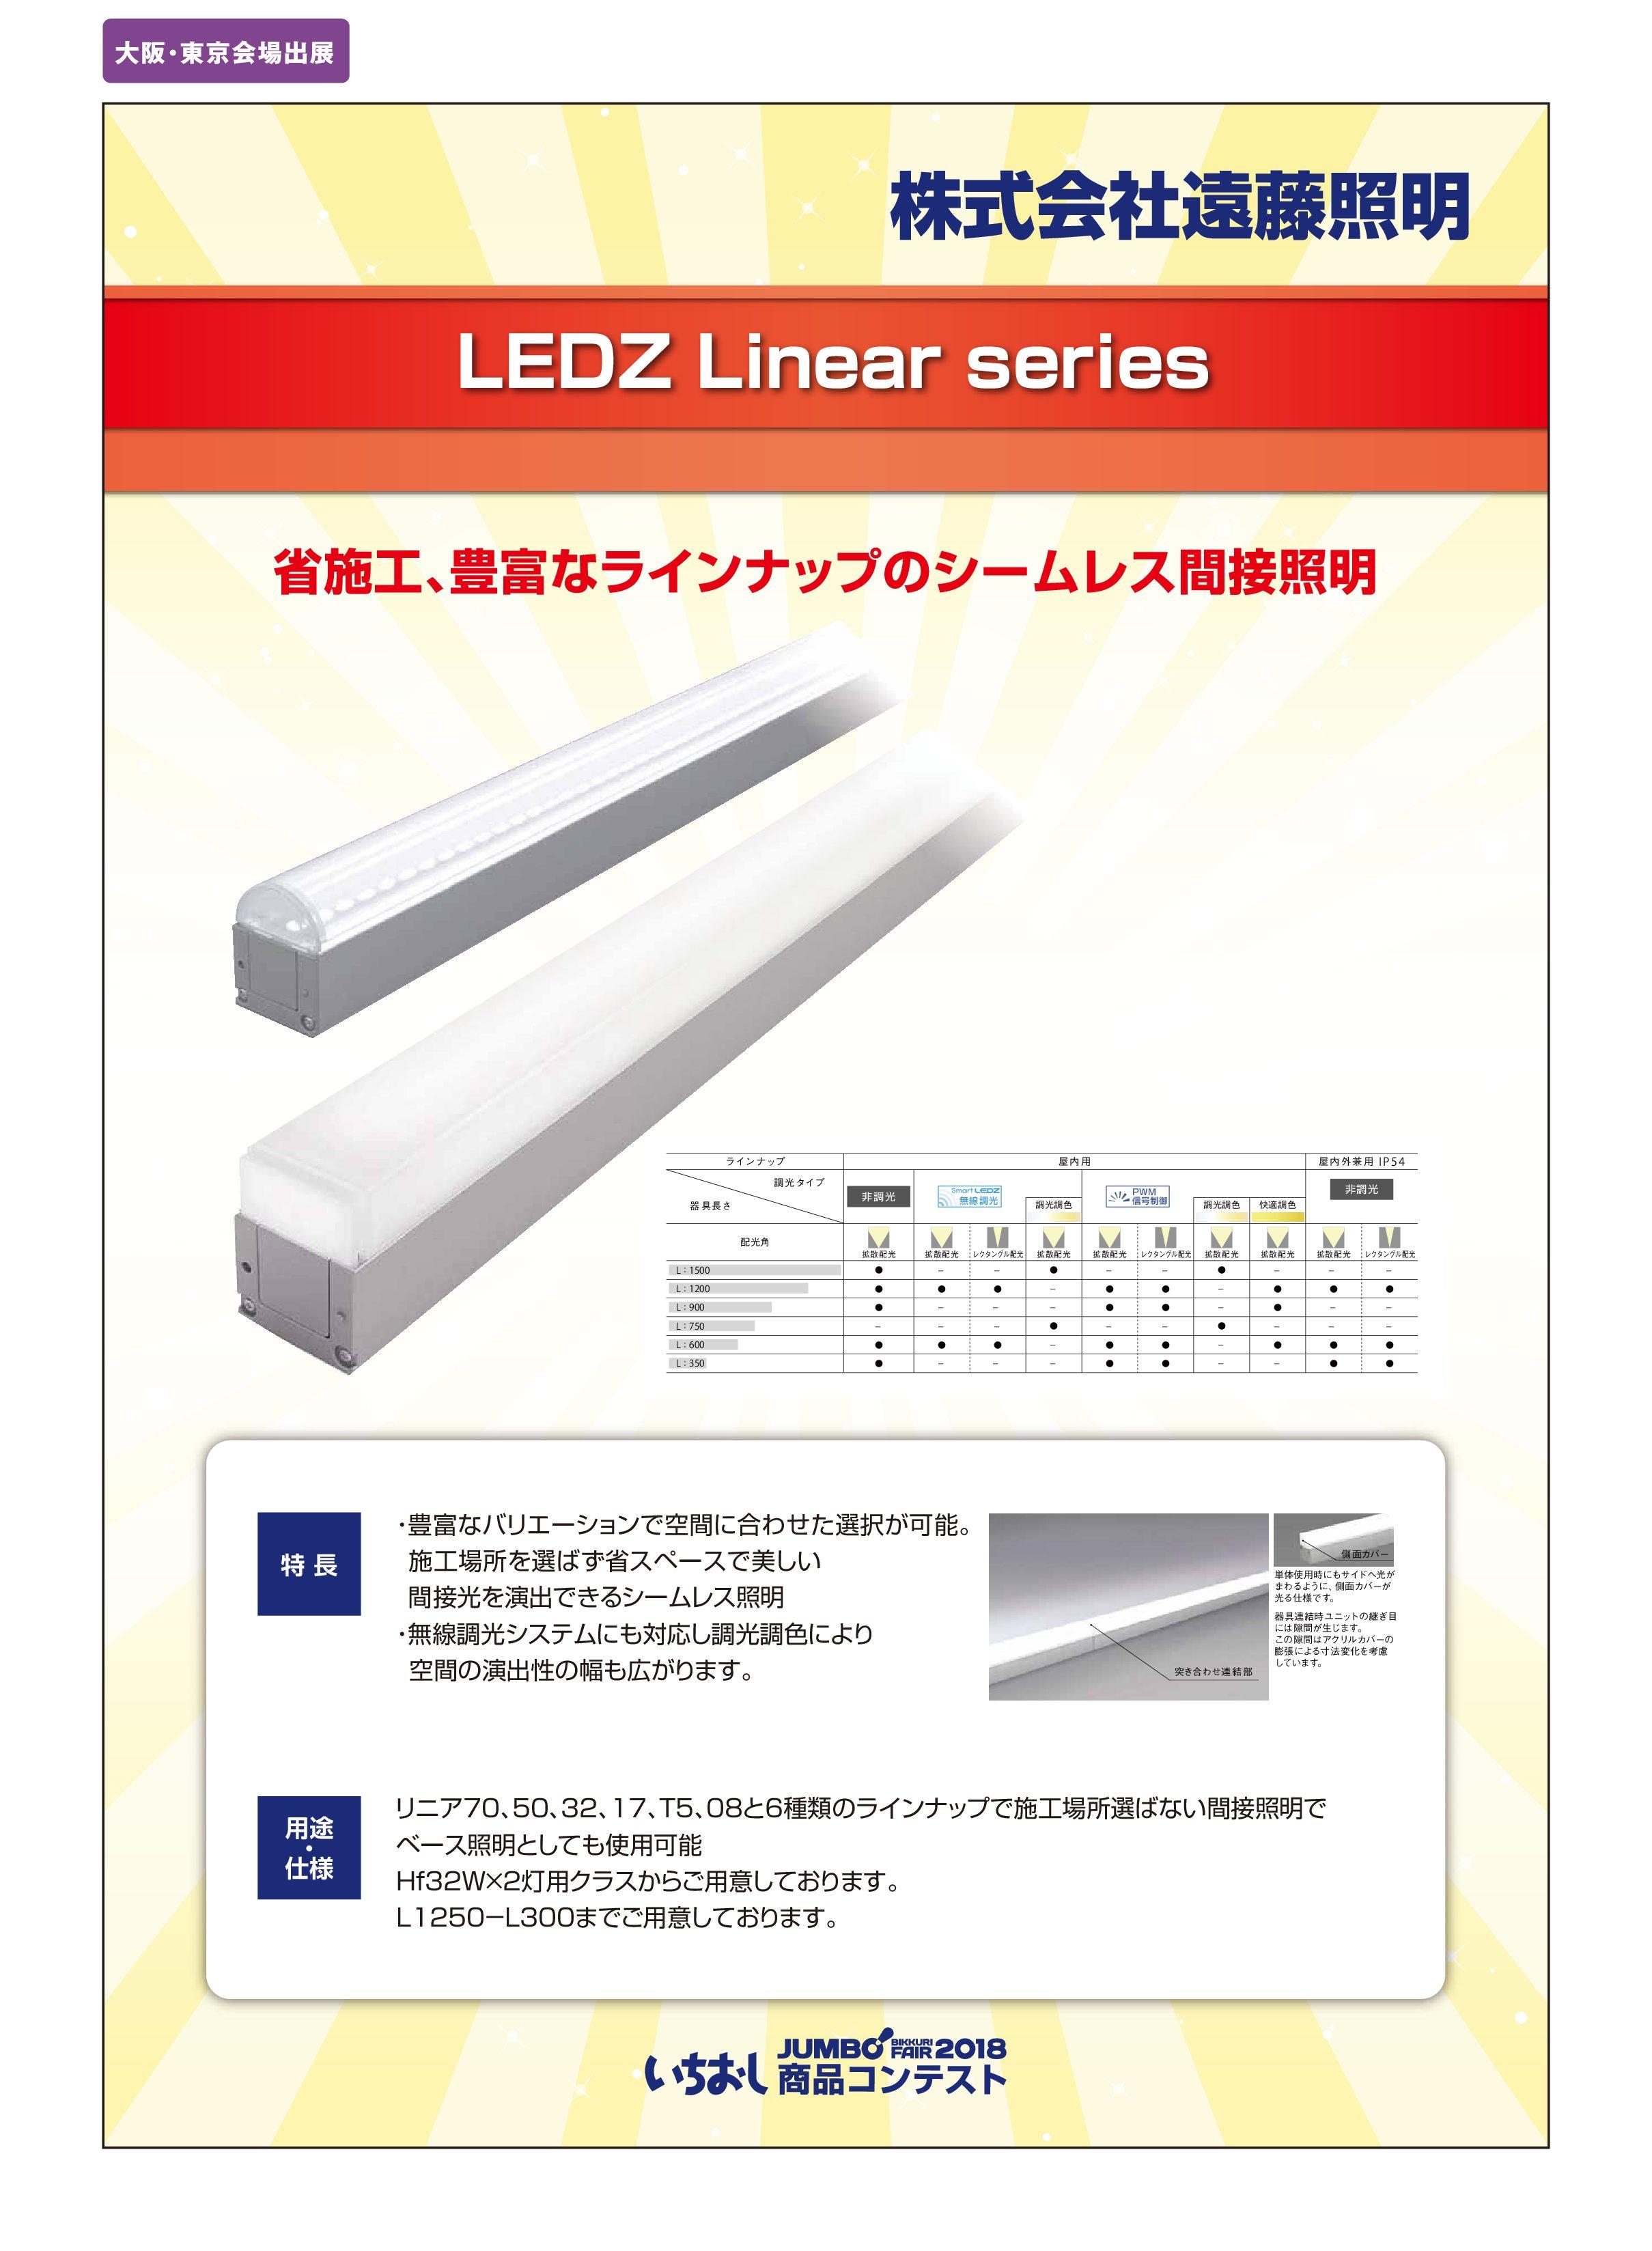 「LEDZ Linear series」株式会社遠藤照明の画像